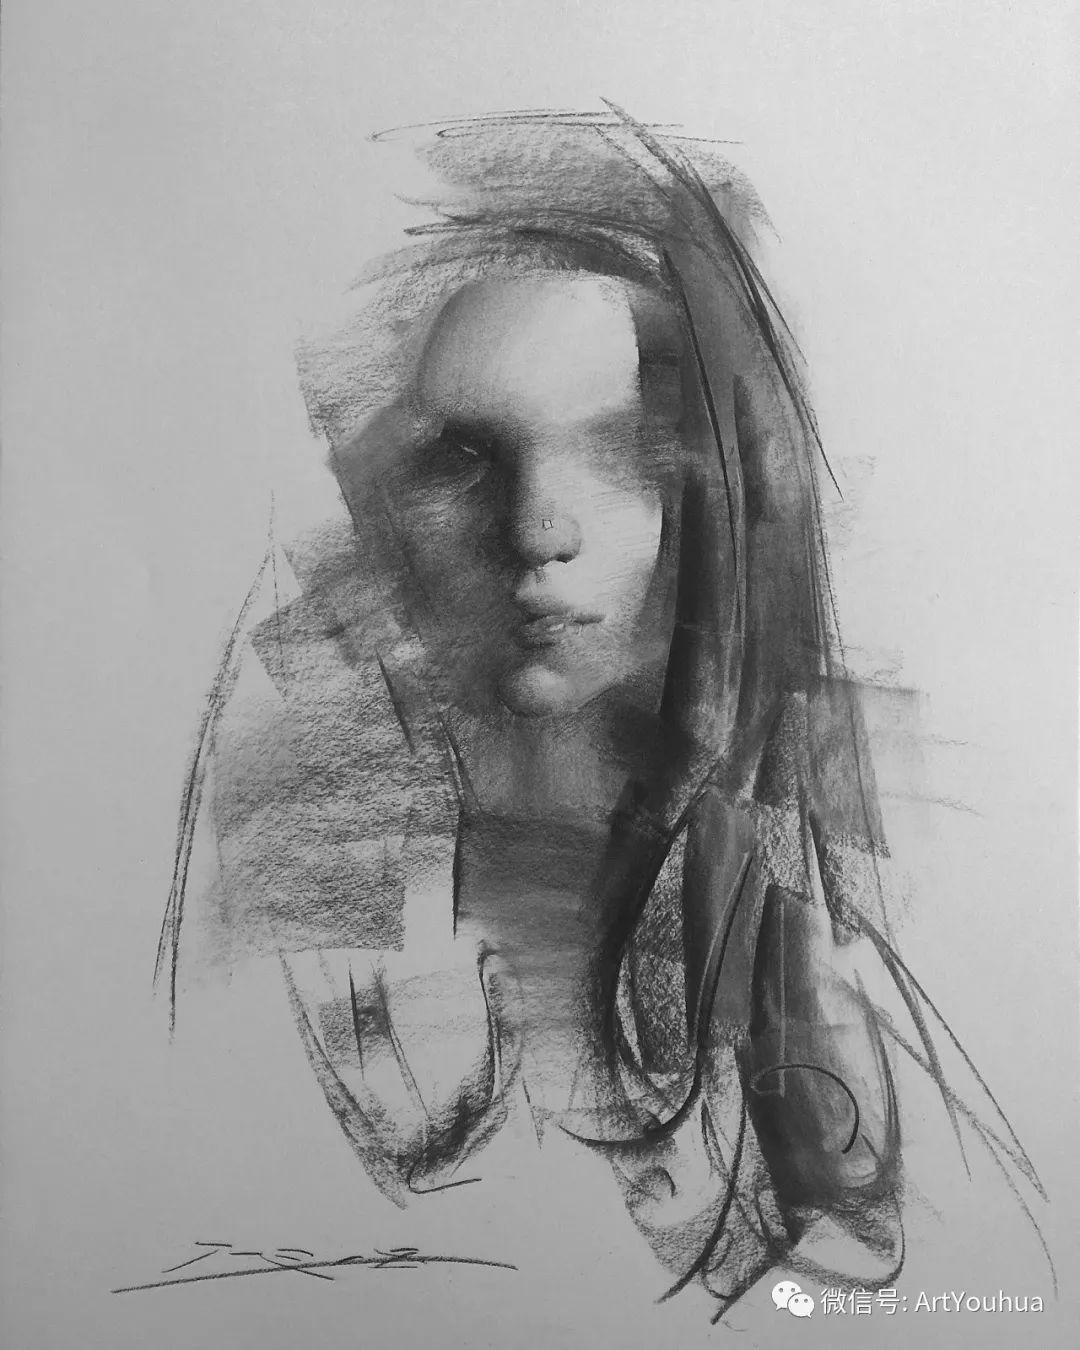 他的人物肖像绘画独具一格 还是位80后画家插图111